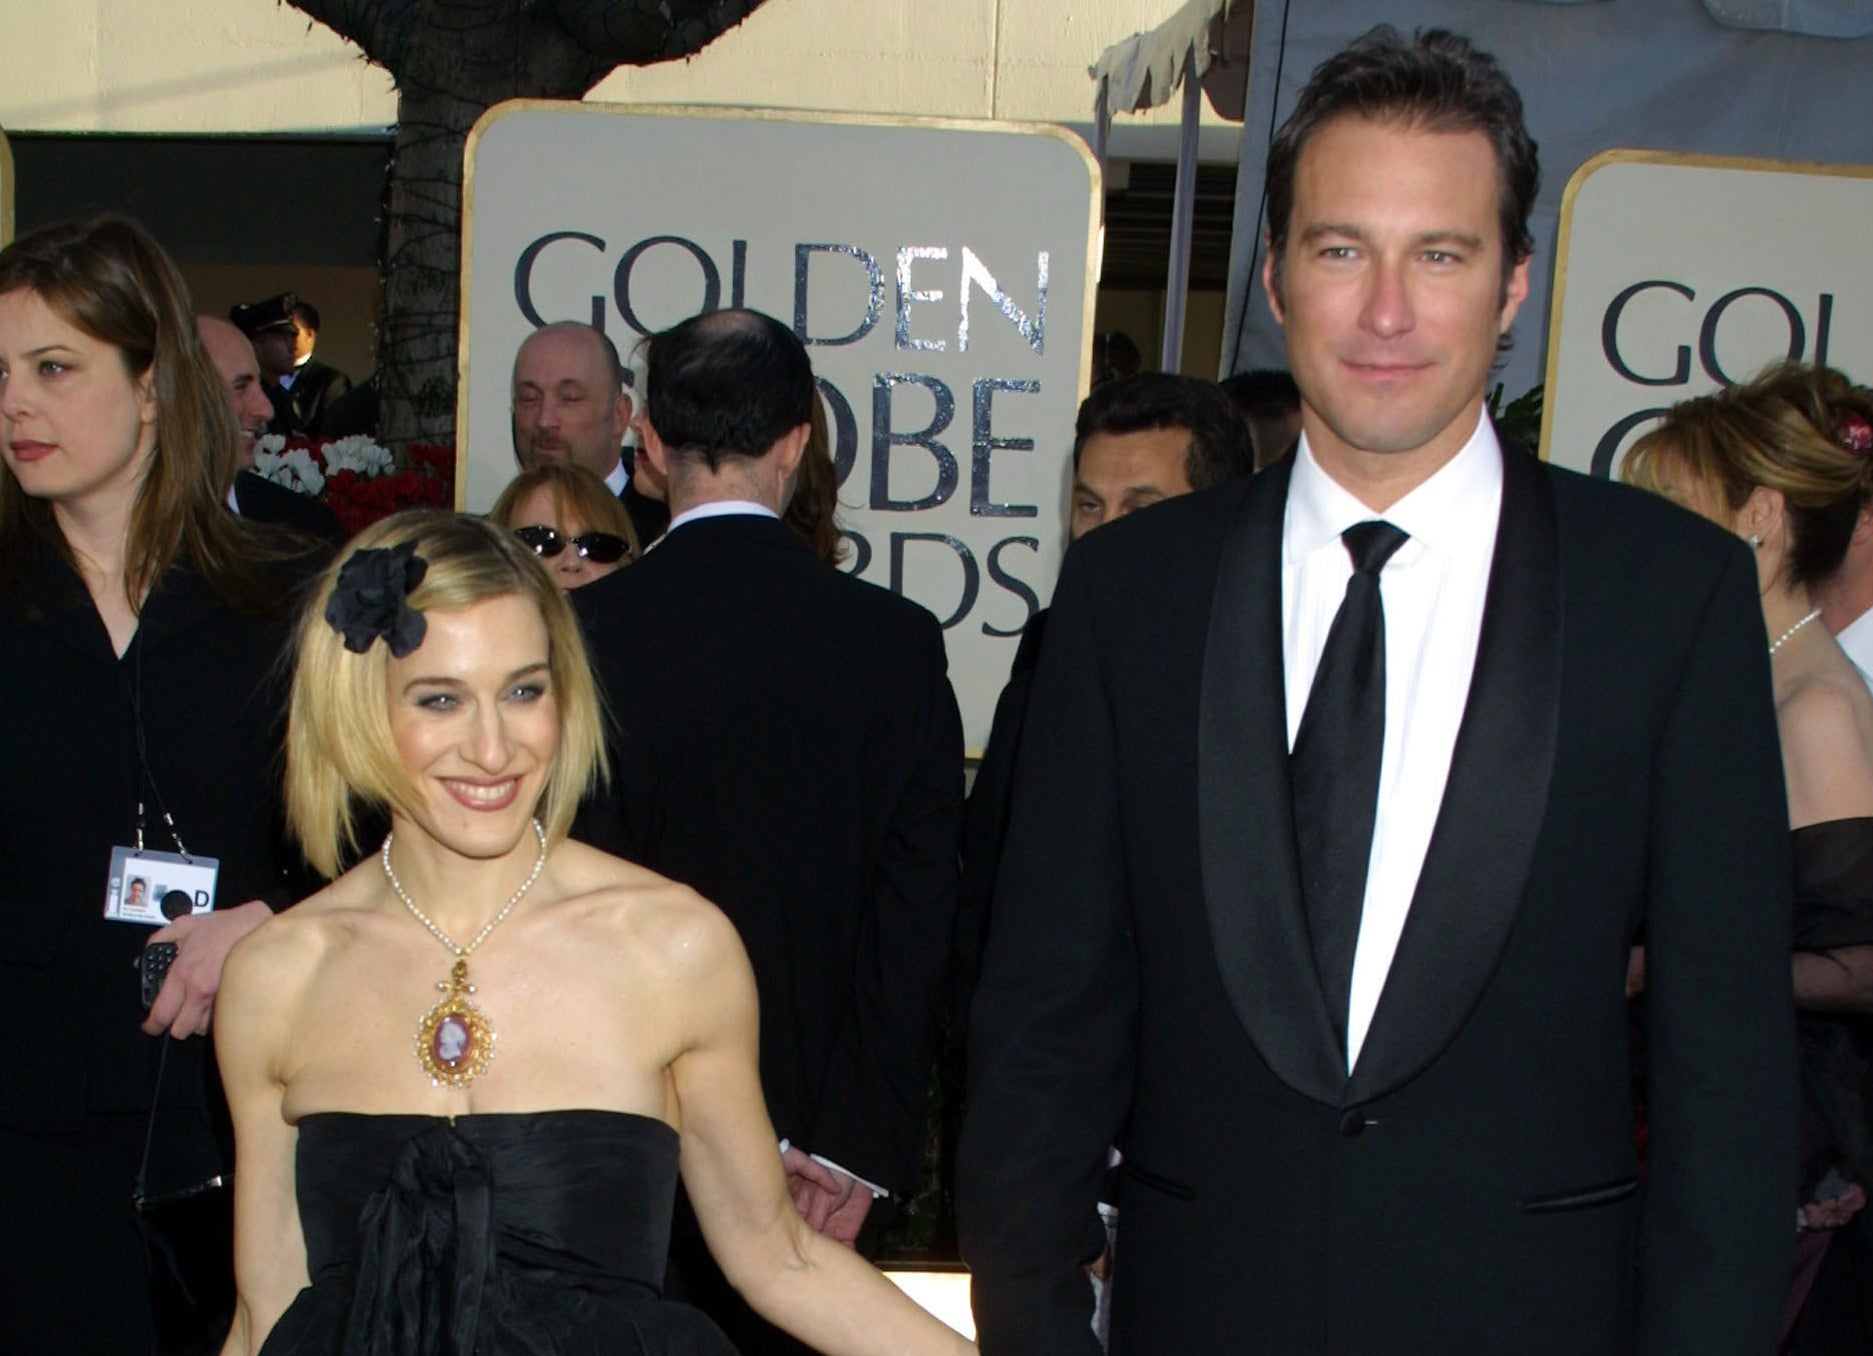 John and Sarah smile at an event